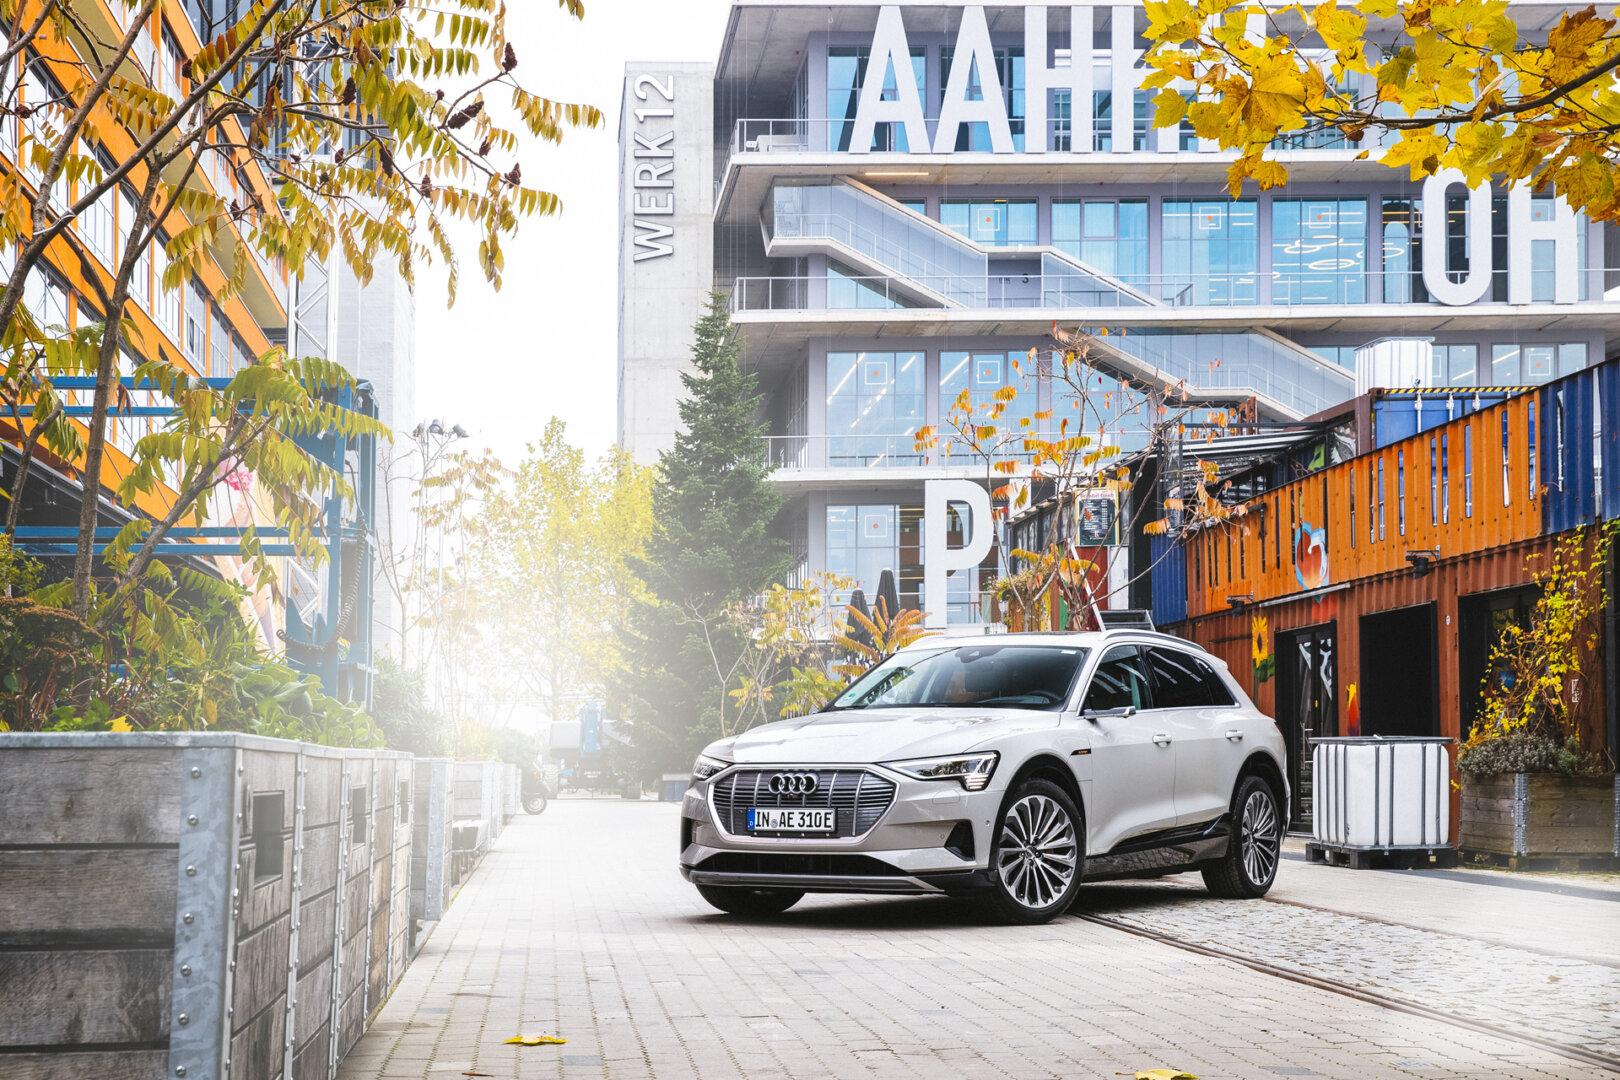 Weißer Audi E Tron Elektroauto vor dem Werk